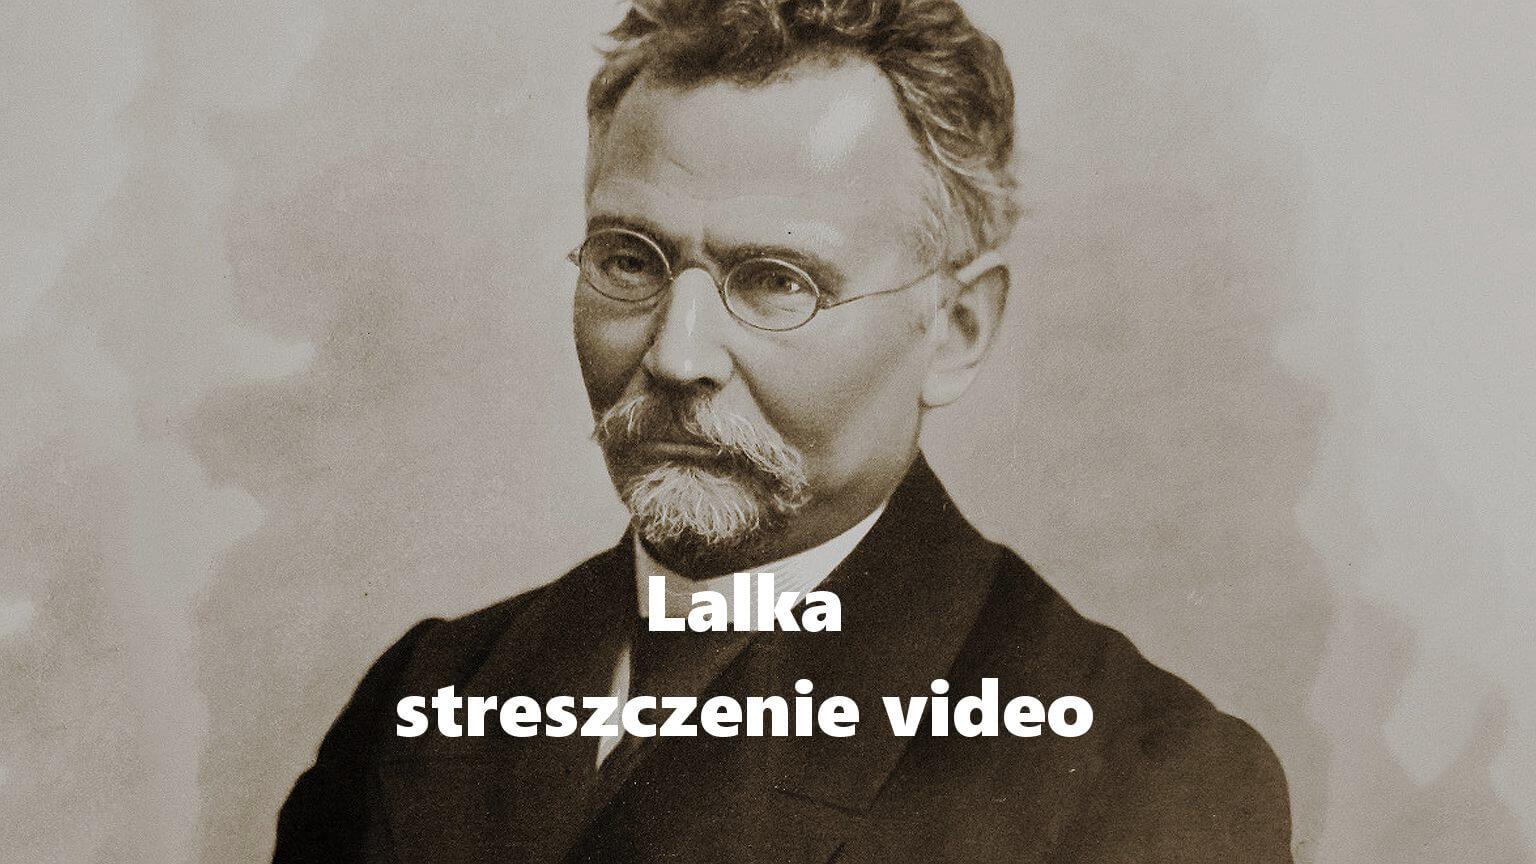 Lalka streszczenie (video)